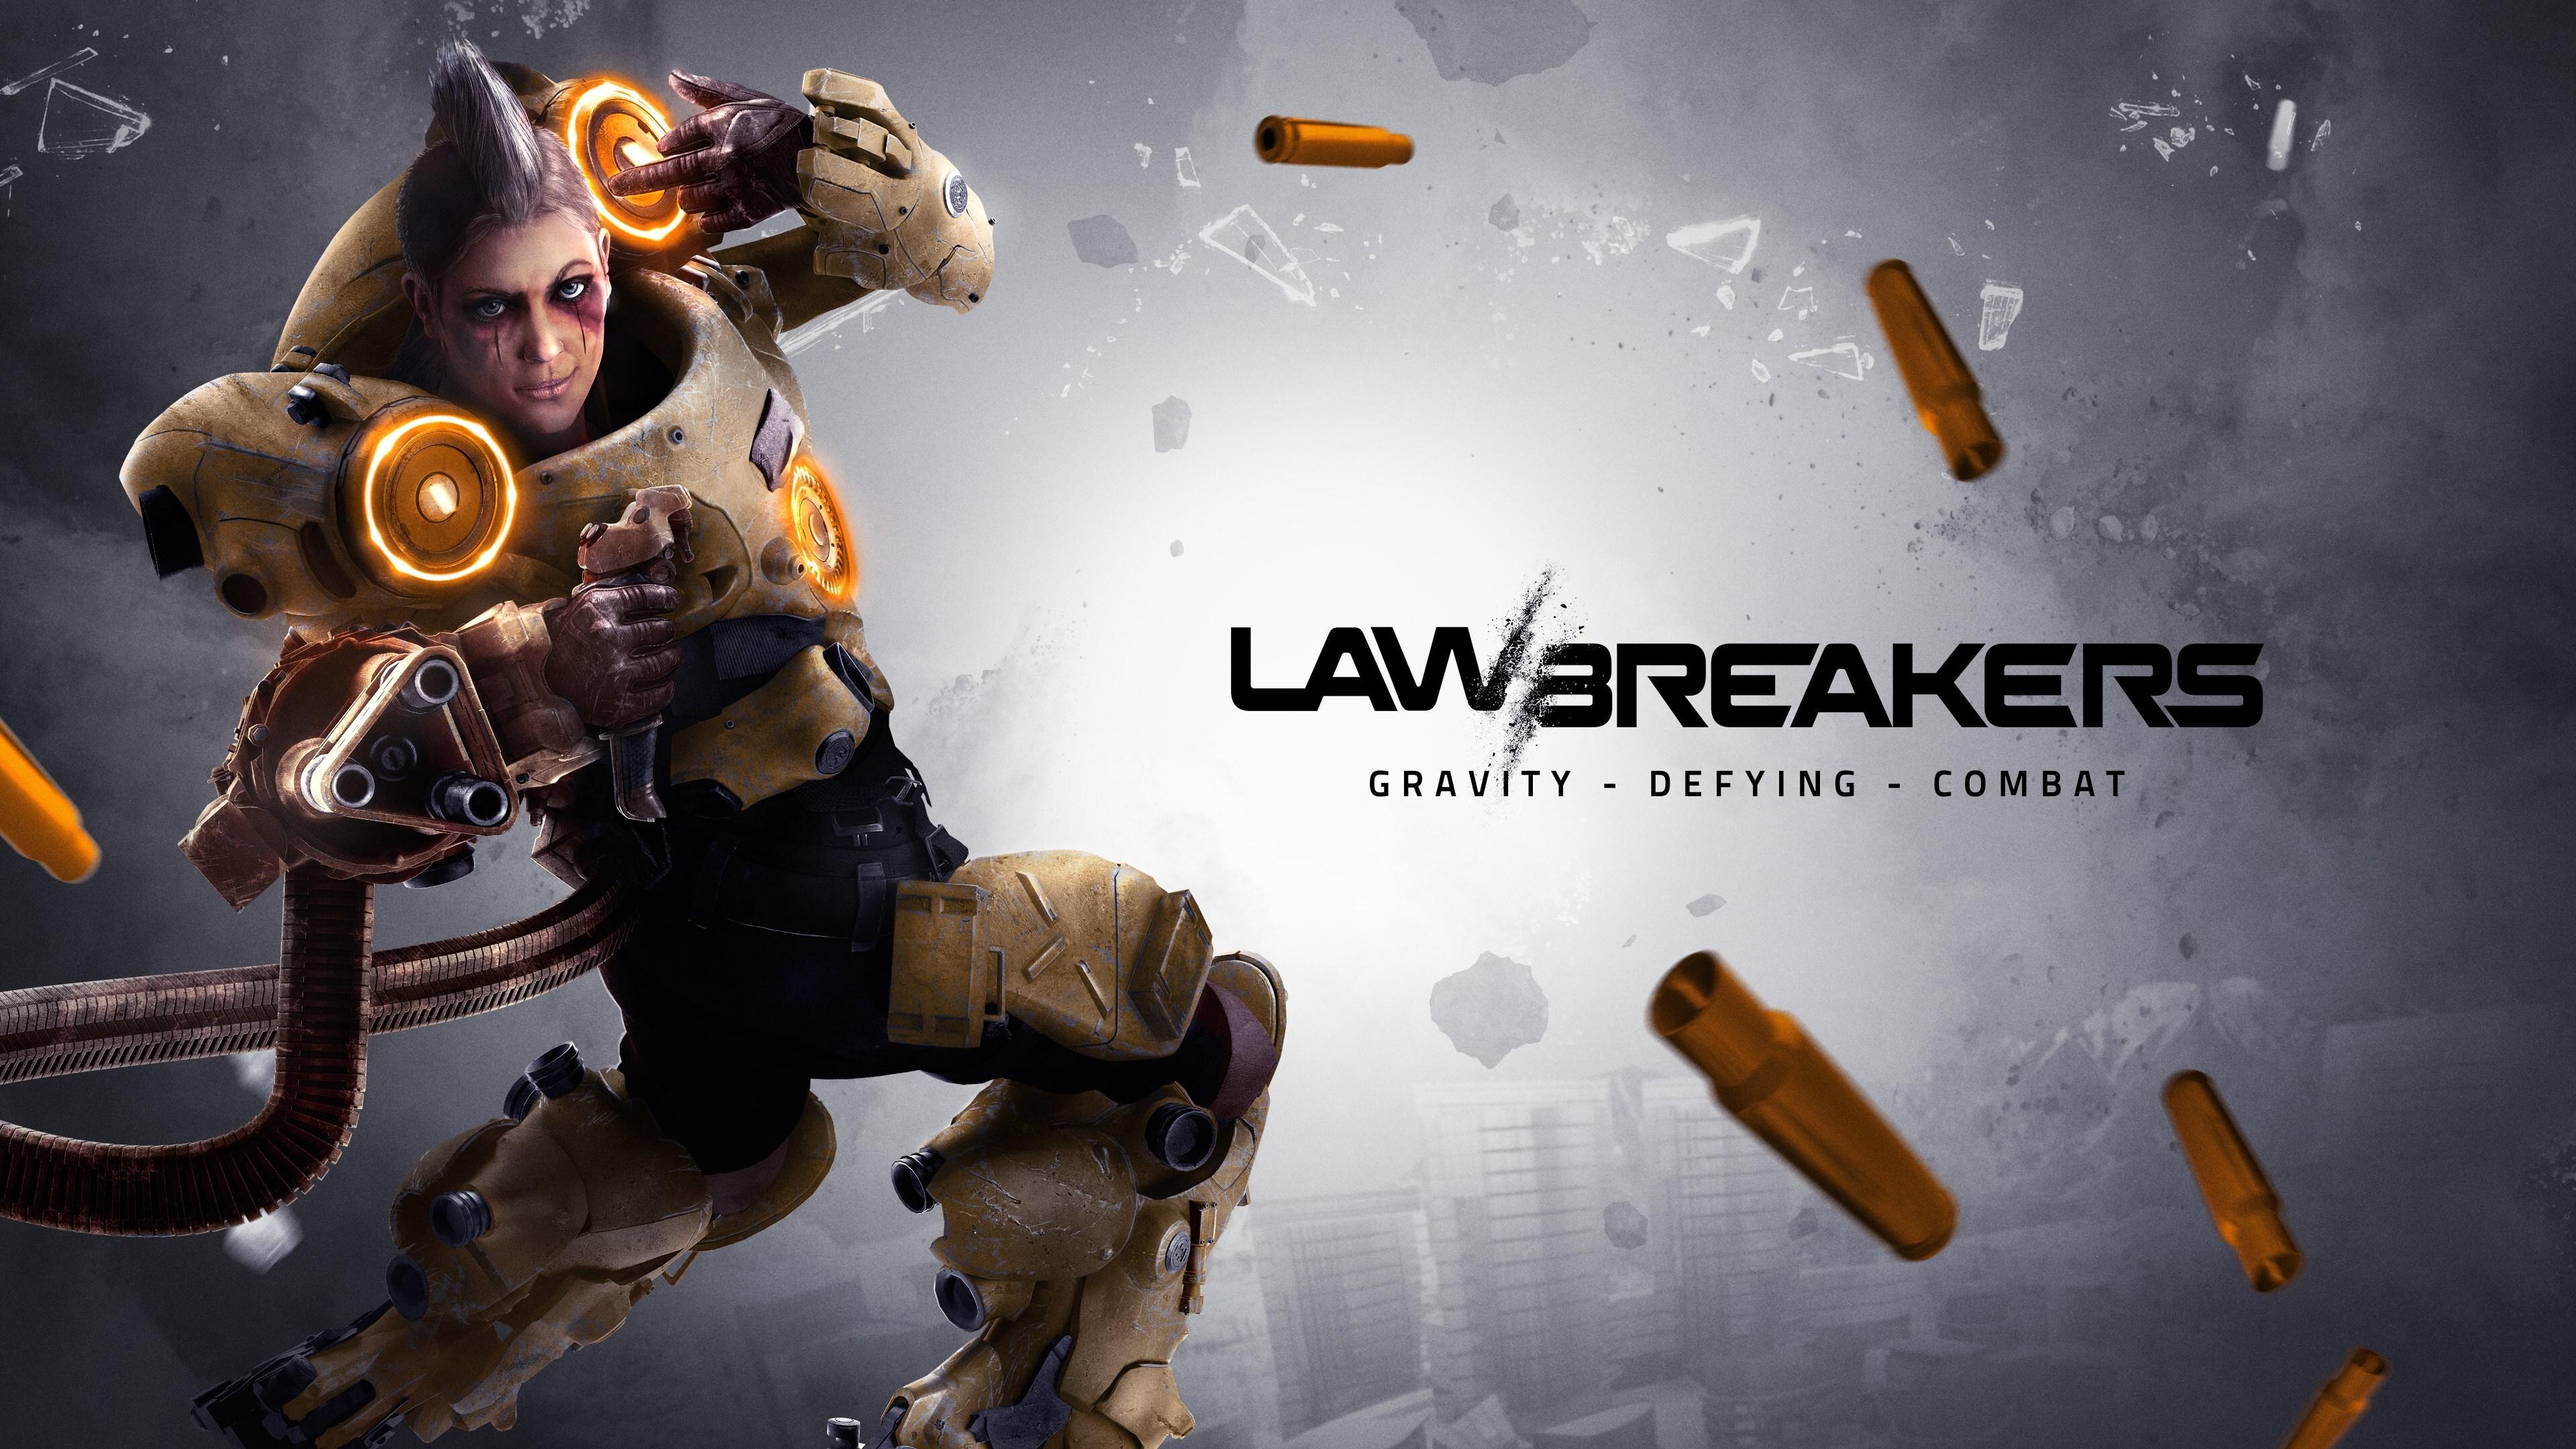 lawbreakers-game-ro.jpg